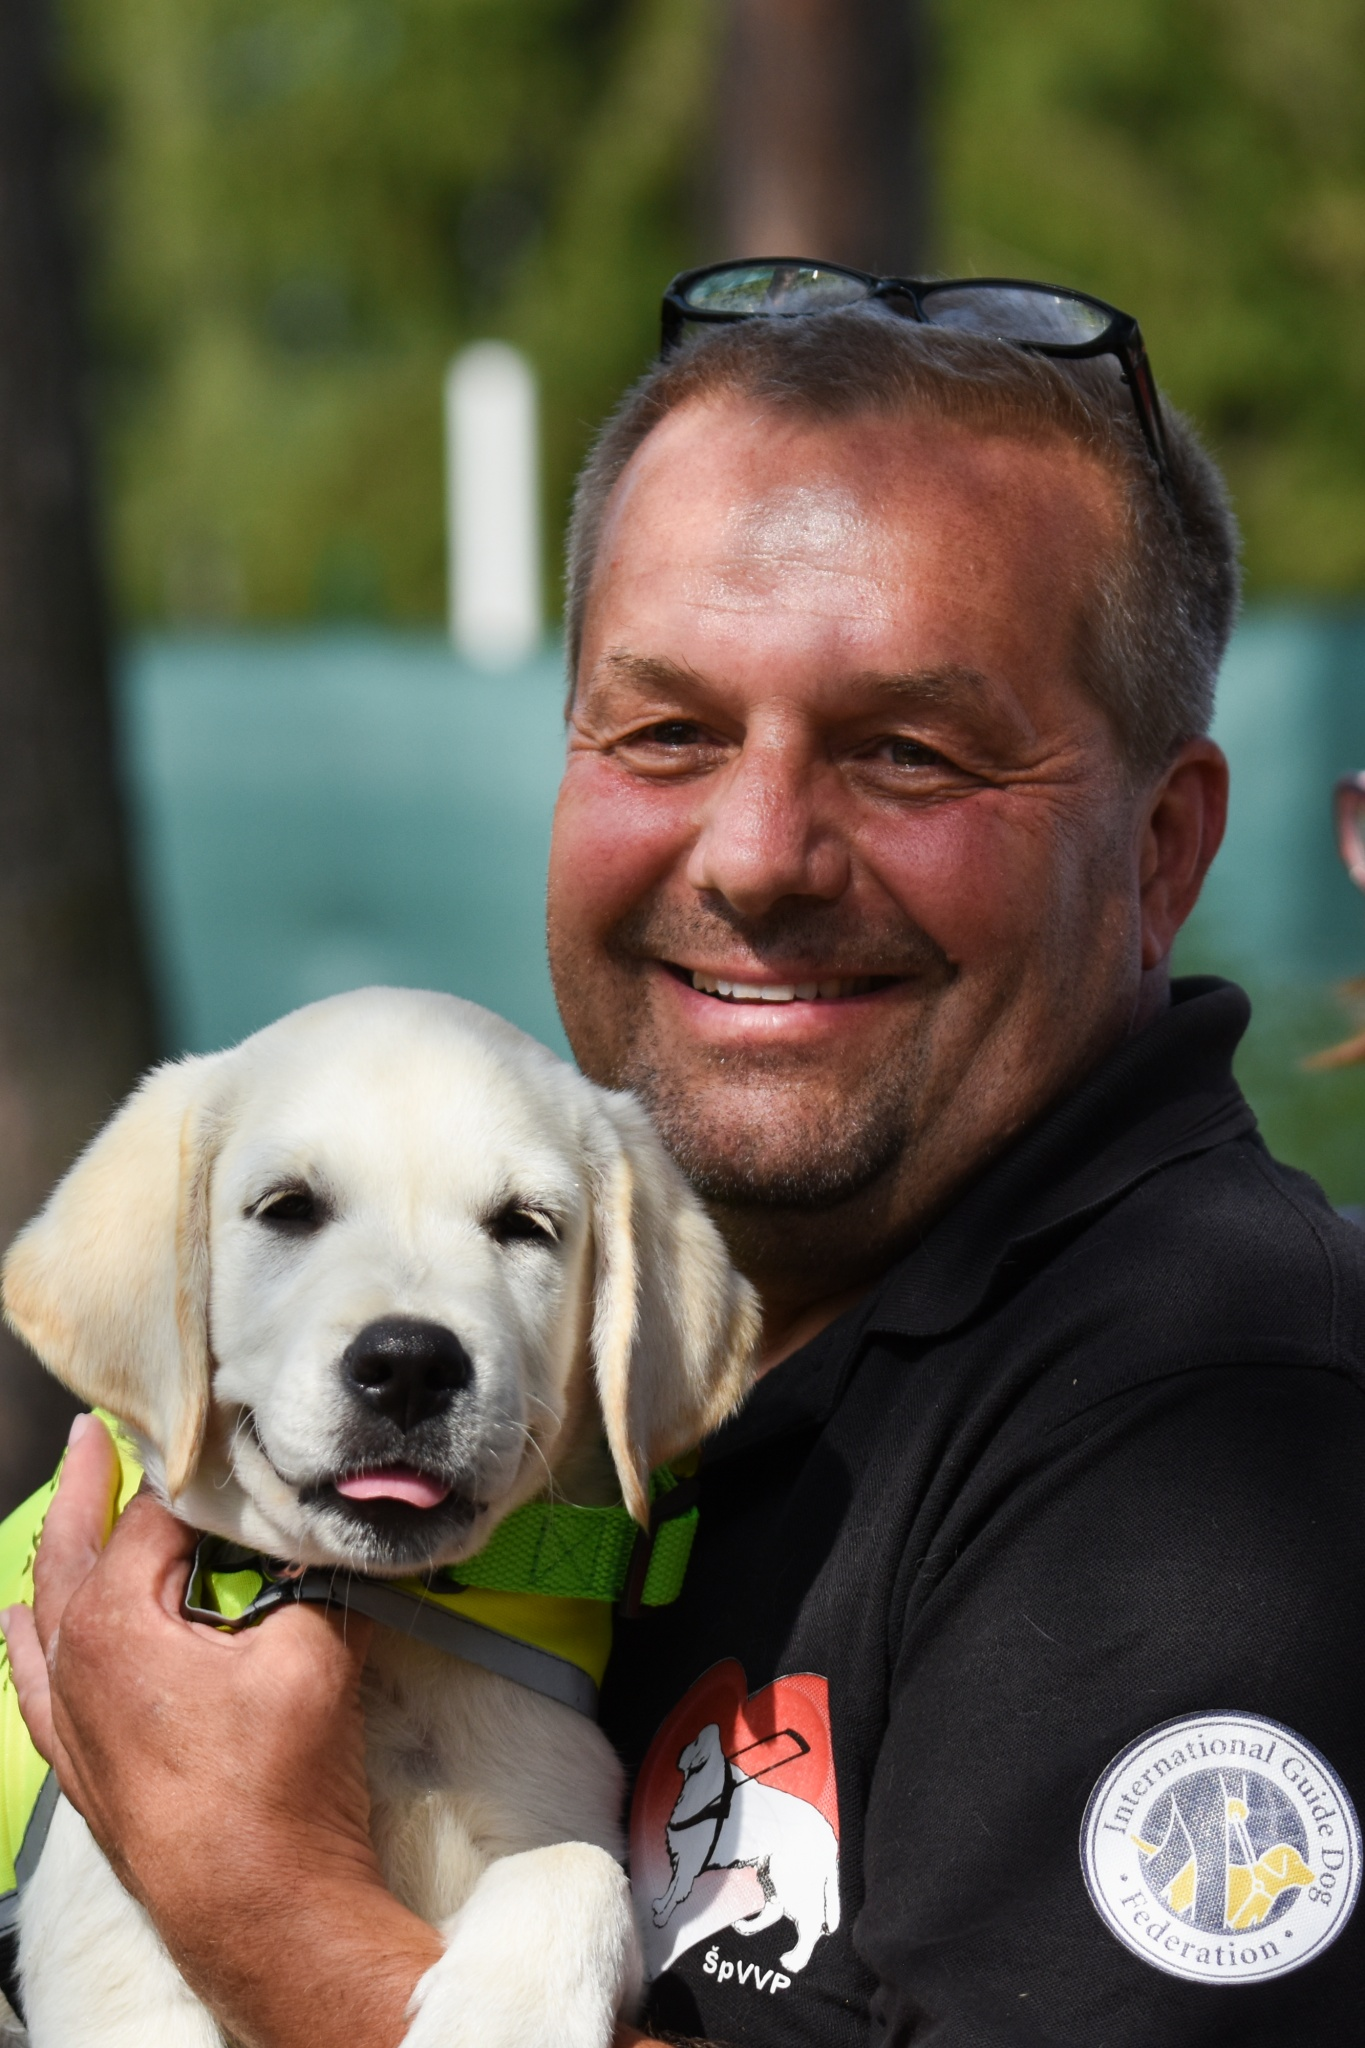 Muž ve středním věku se směje do kamery a drží v náruči štěně s vestou vodicího psa ve výcviku.